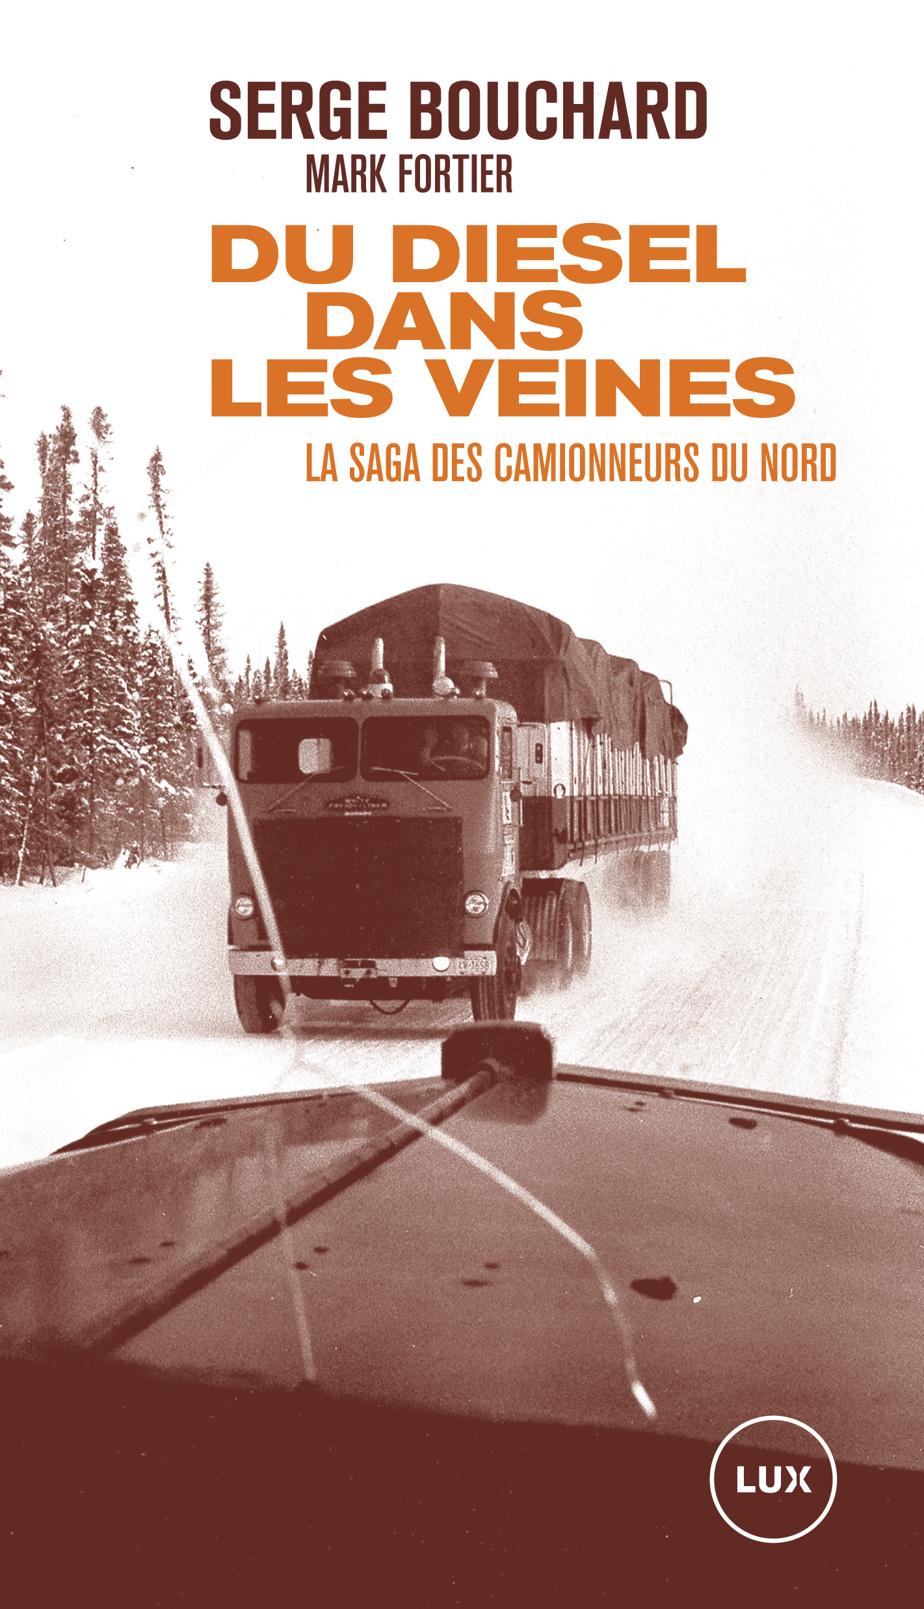 Du diesel dans les veines – La saga des camionneurs du Nord, de Serge Bouchard et Mark Fortier, Lux Éditeur, 2021